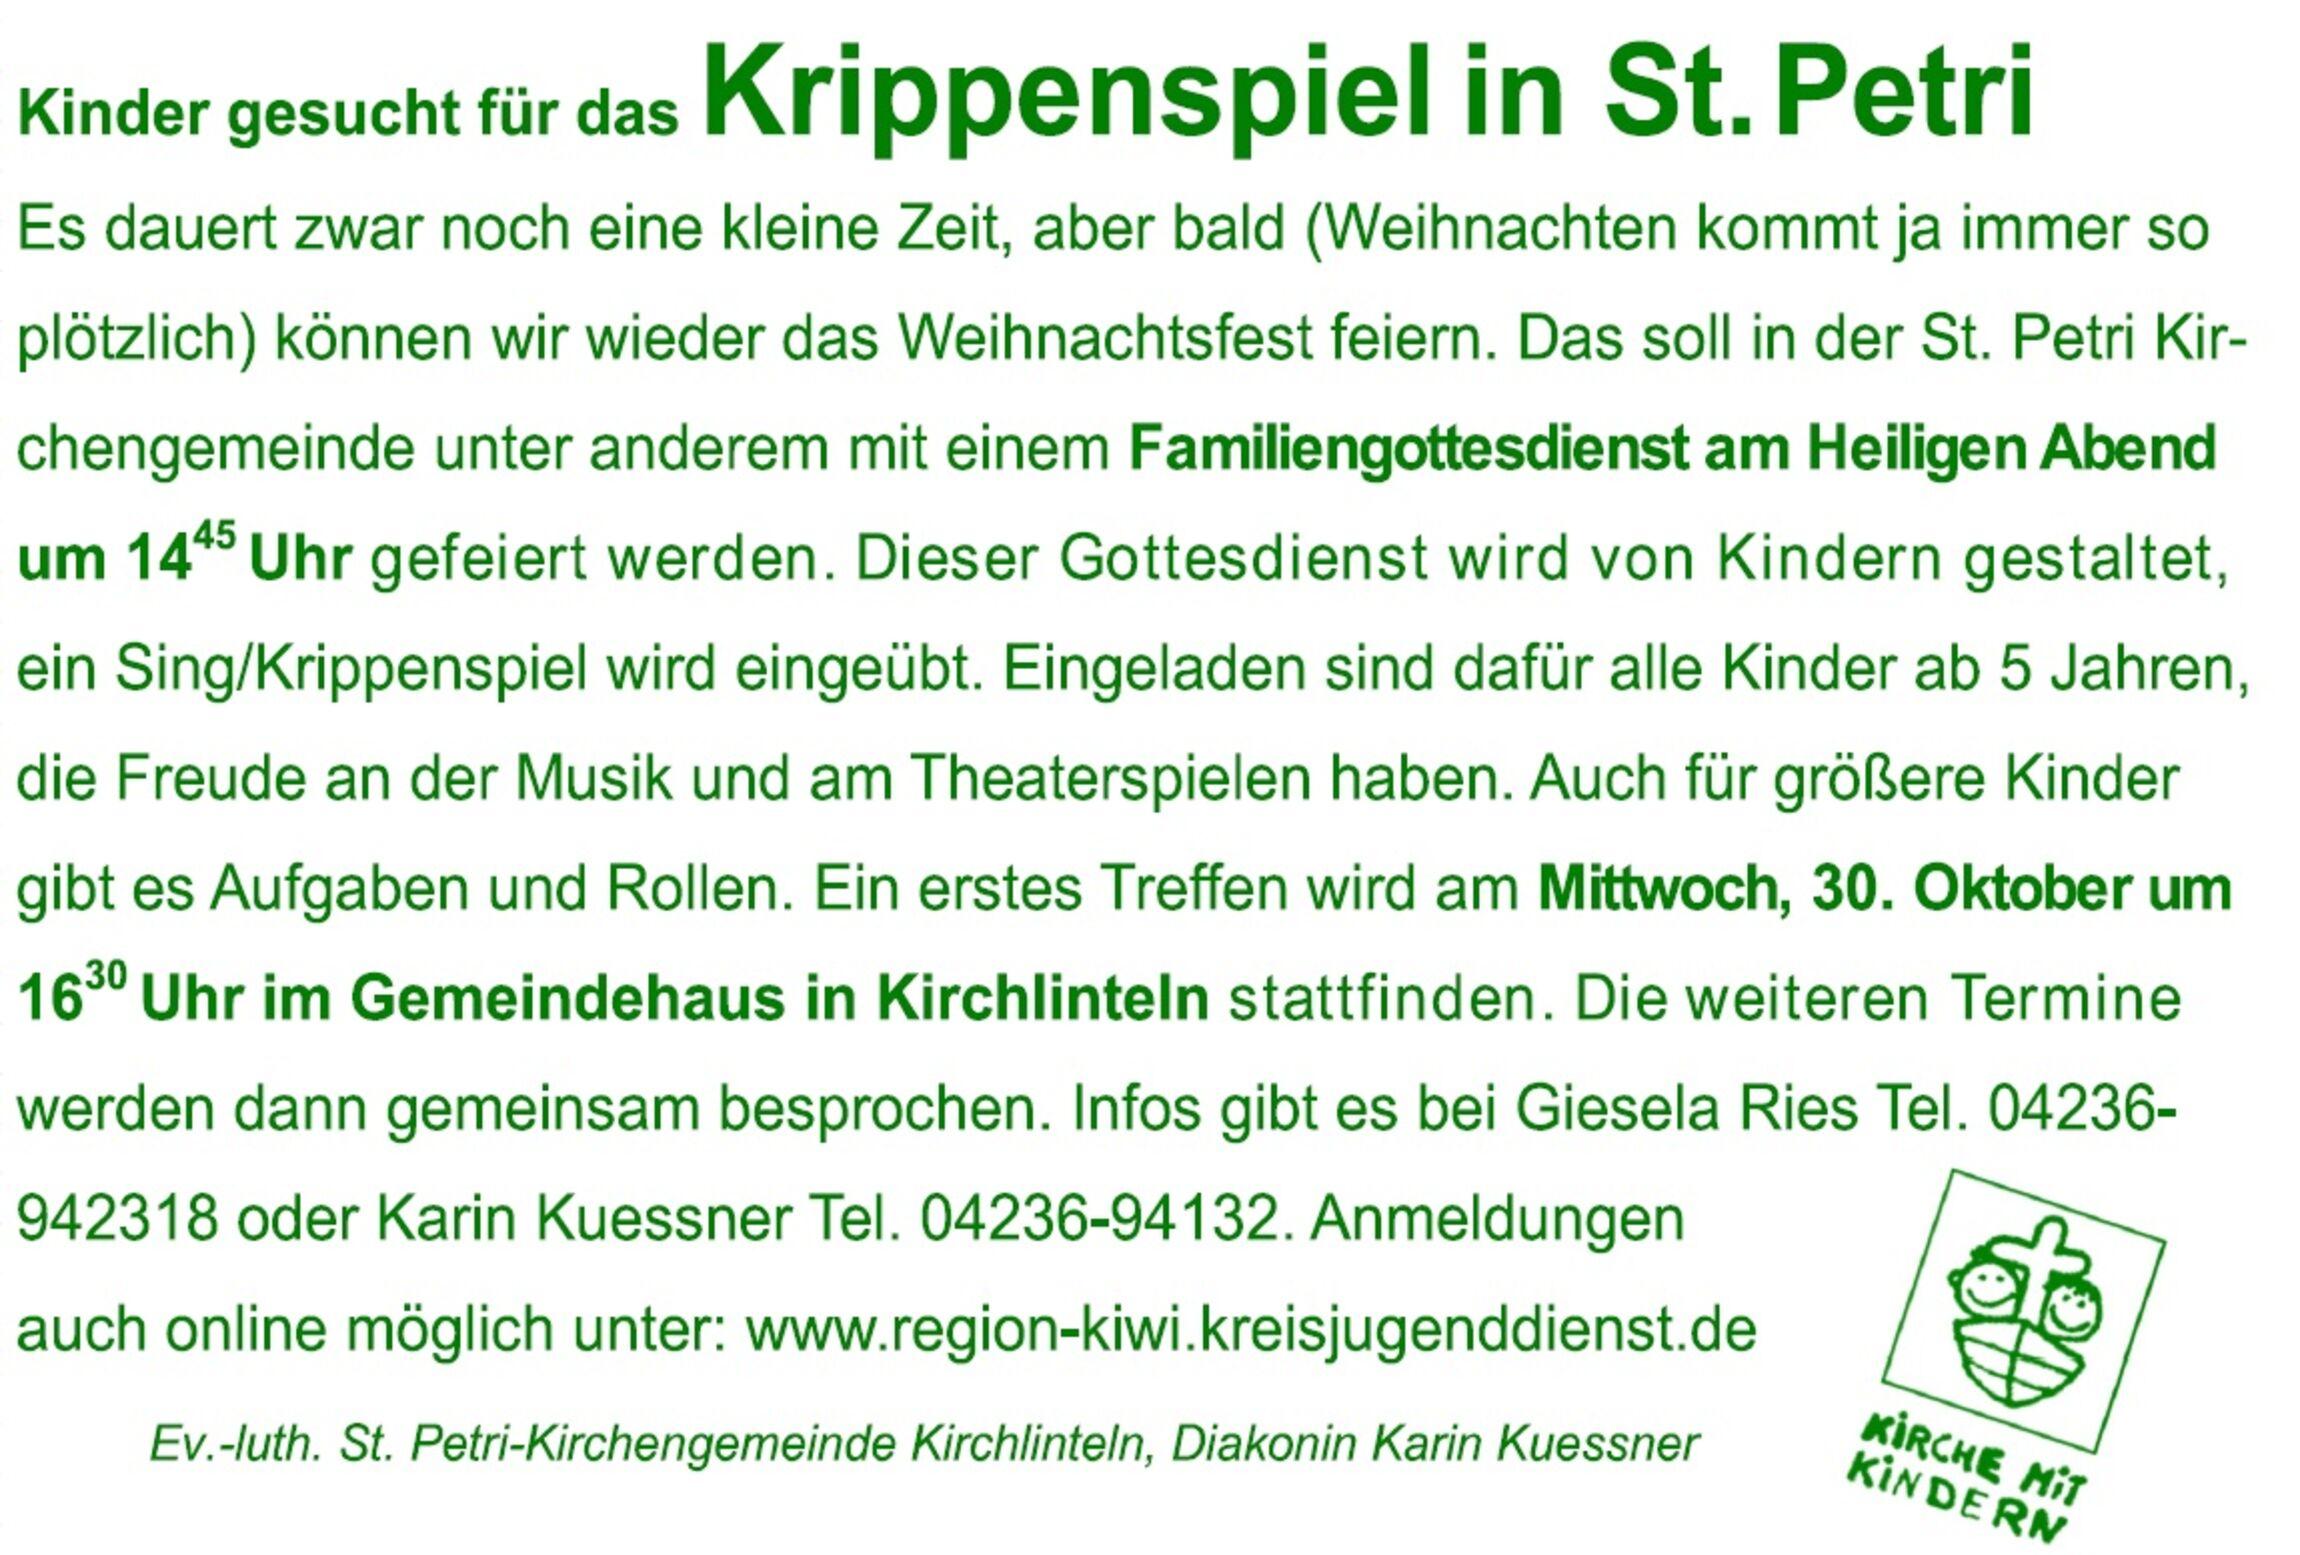 Krippenspiel_Text_2019